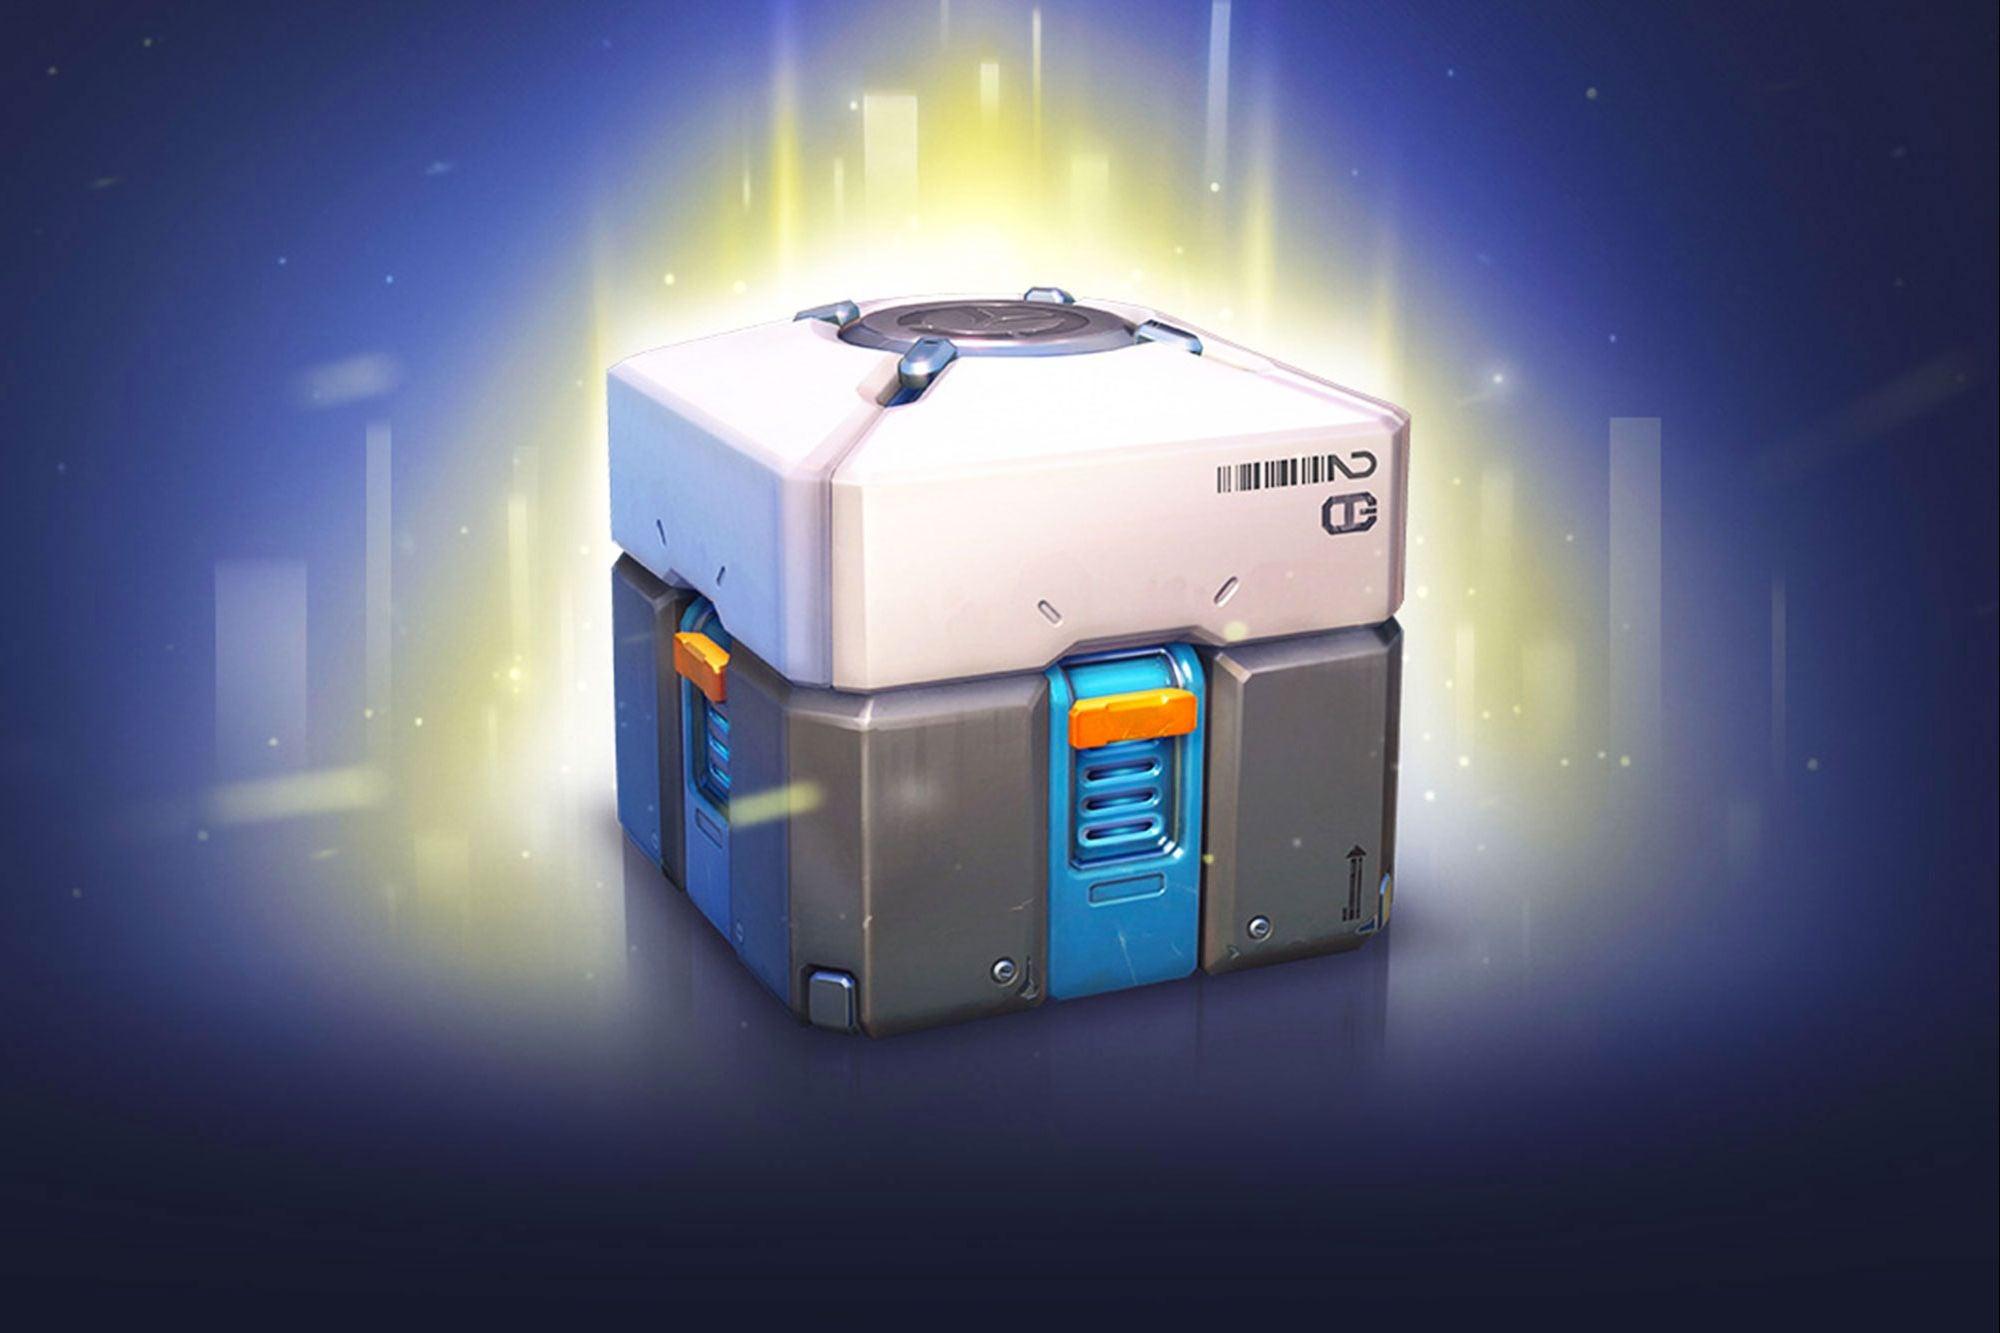 U.S. Senator Seeks to Stop Loot Boxes in Video Games Like 'Fortnite'